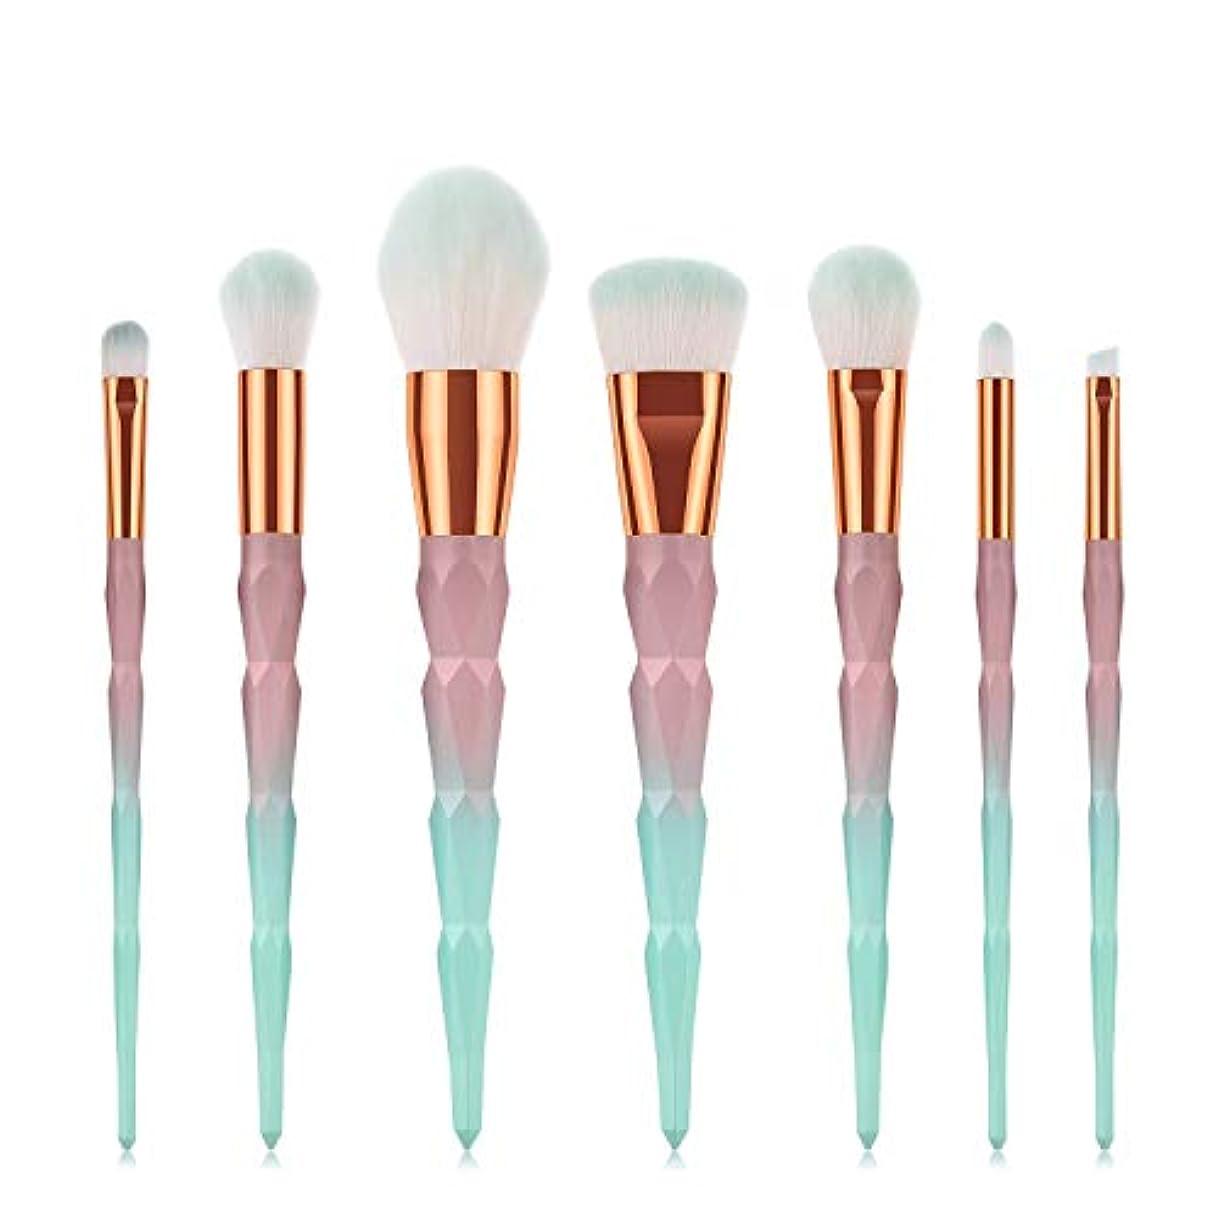 おばあさん秘書マーティフィールディングMakeup brushes 7ピースグラデーションブラシセットメイクブラシセット形成ハンドルファンデーションブラッシュアイシャドウリップブラシフェイシャルメイクアップツール suits (Color : Gradient...